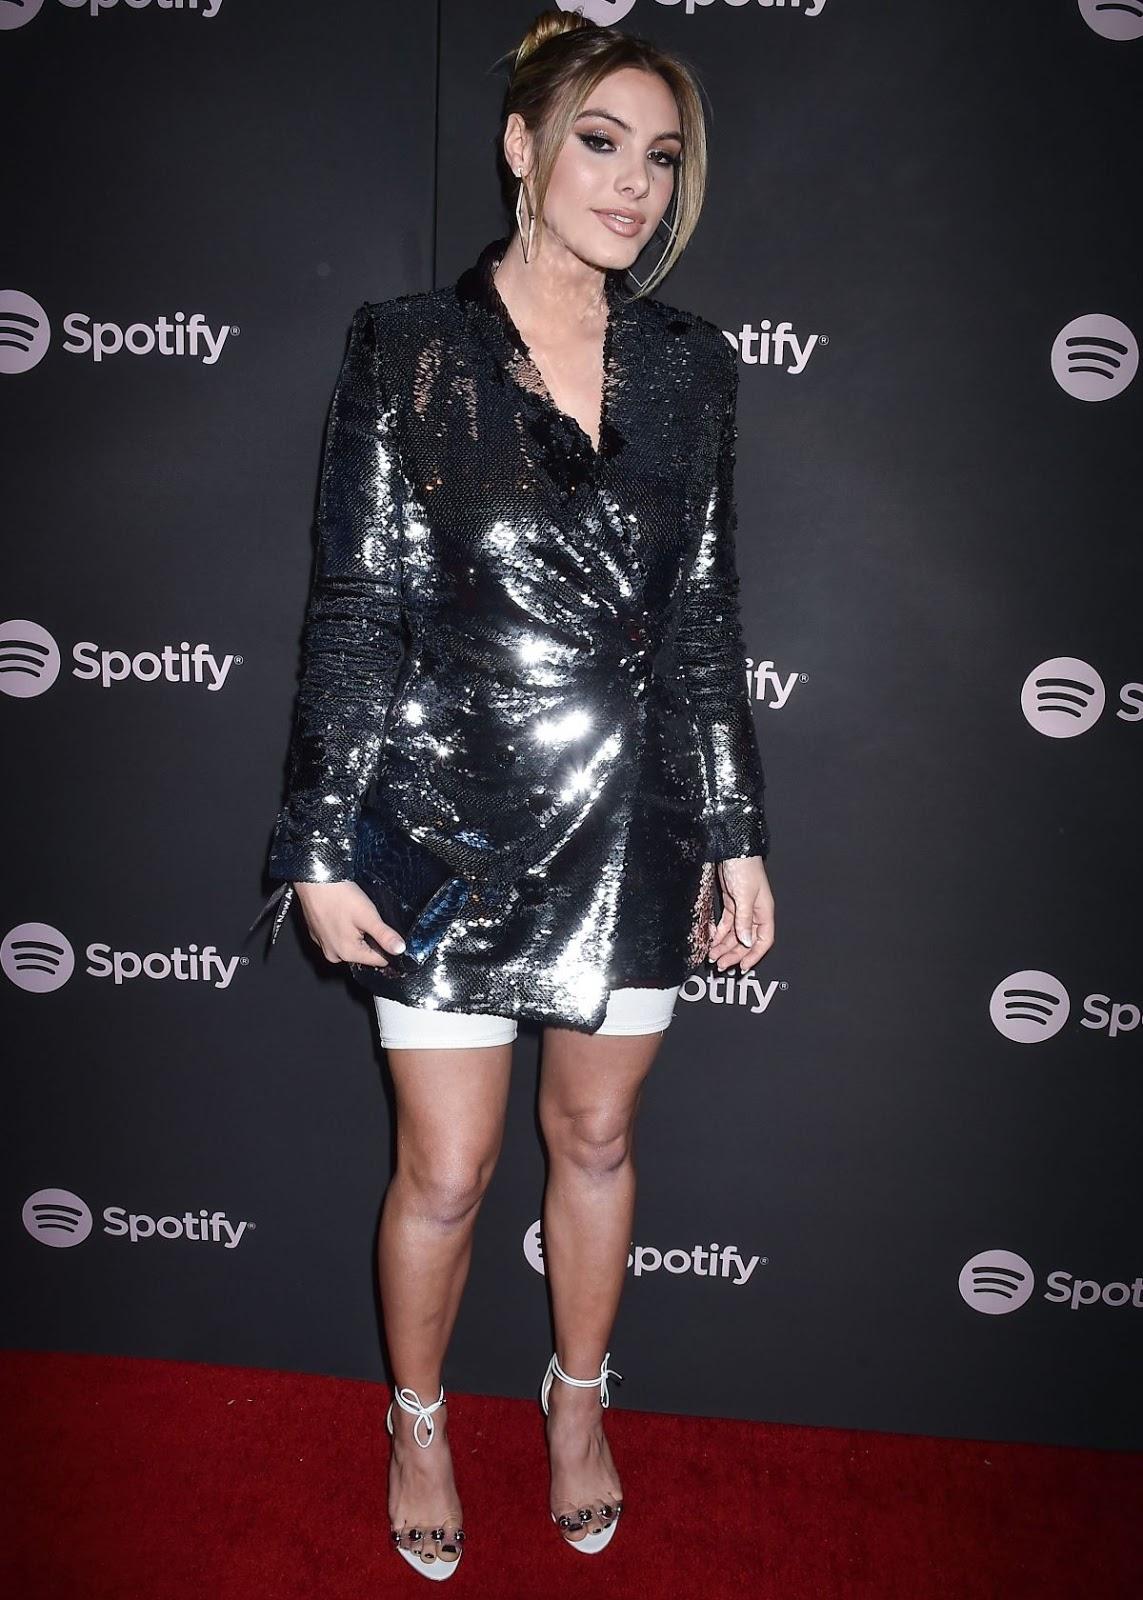 Lele Pons - Spotify Best New Artist 2019 event in LA - 02/07/2019